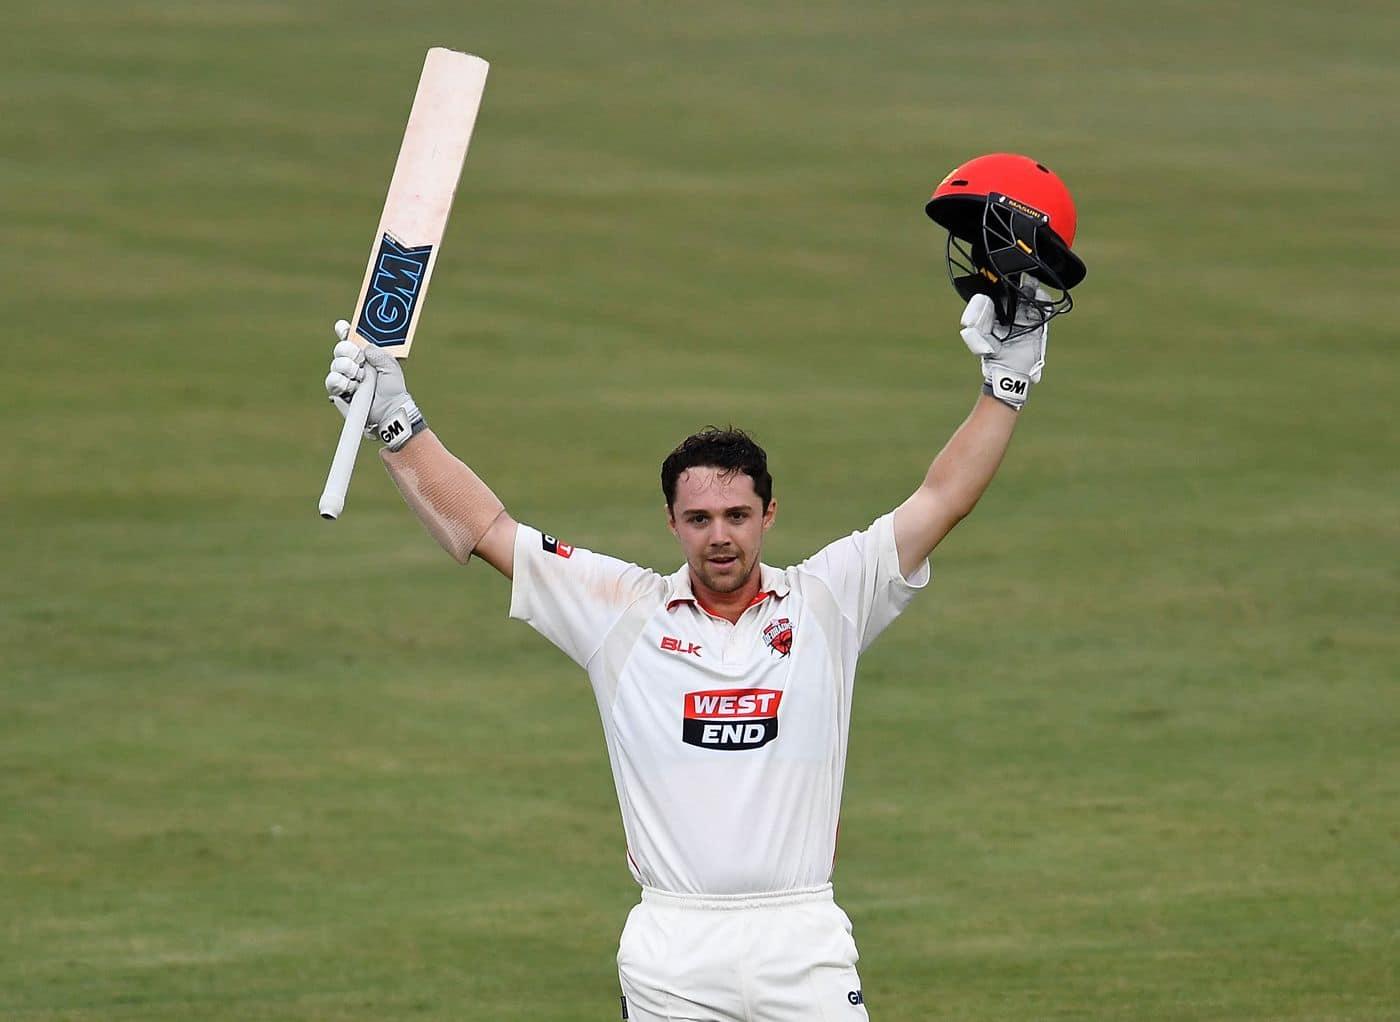 Travis Head hopeful of Test debut against Pakistan in UAE